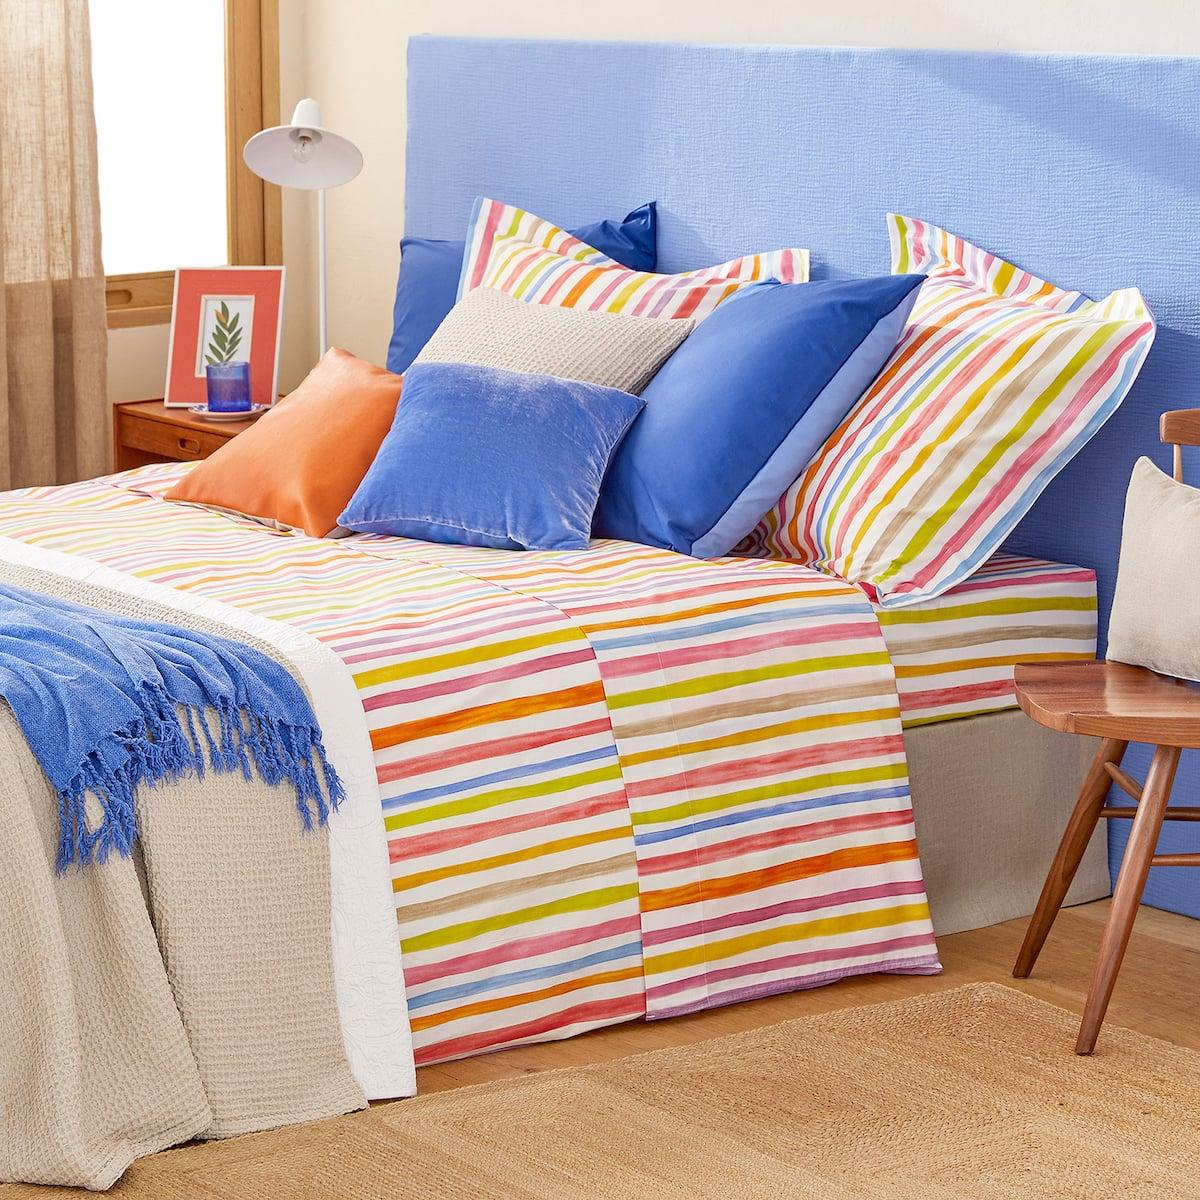 Afbeelding 2 van het product Dekbedovertrek met Veelkleurige Strepenprint